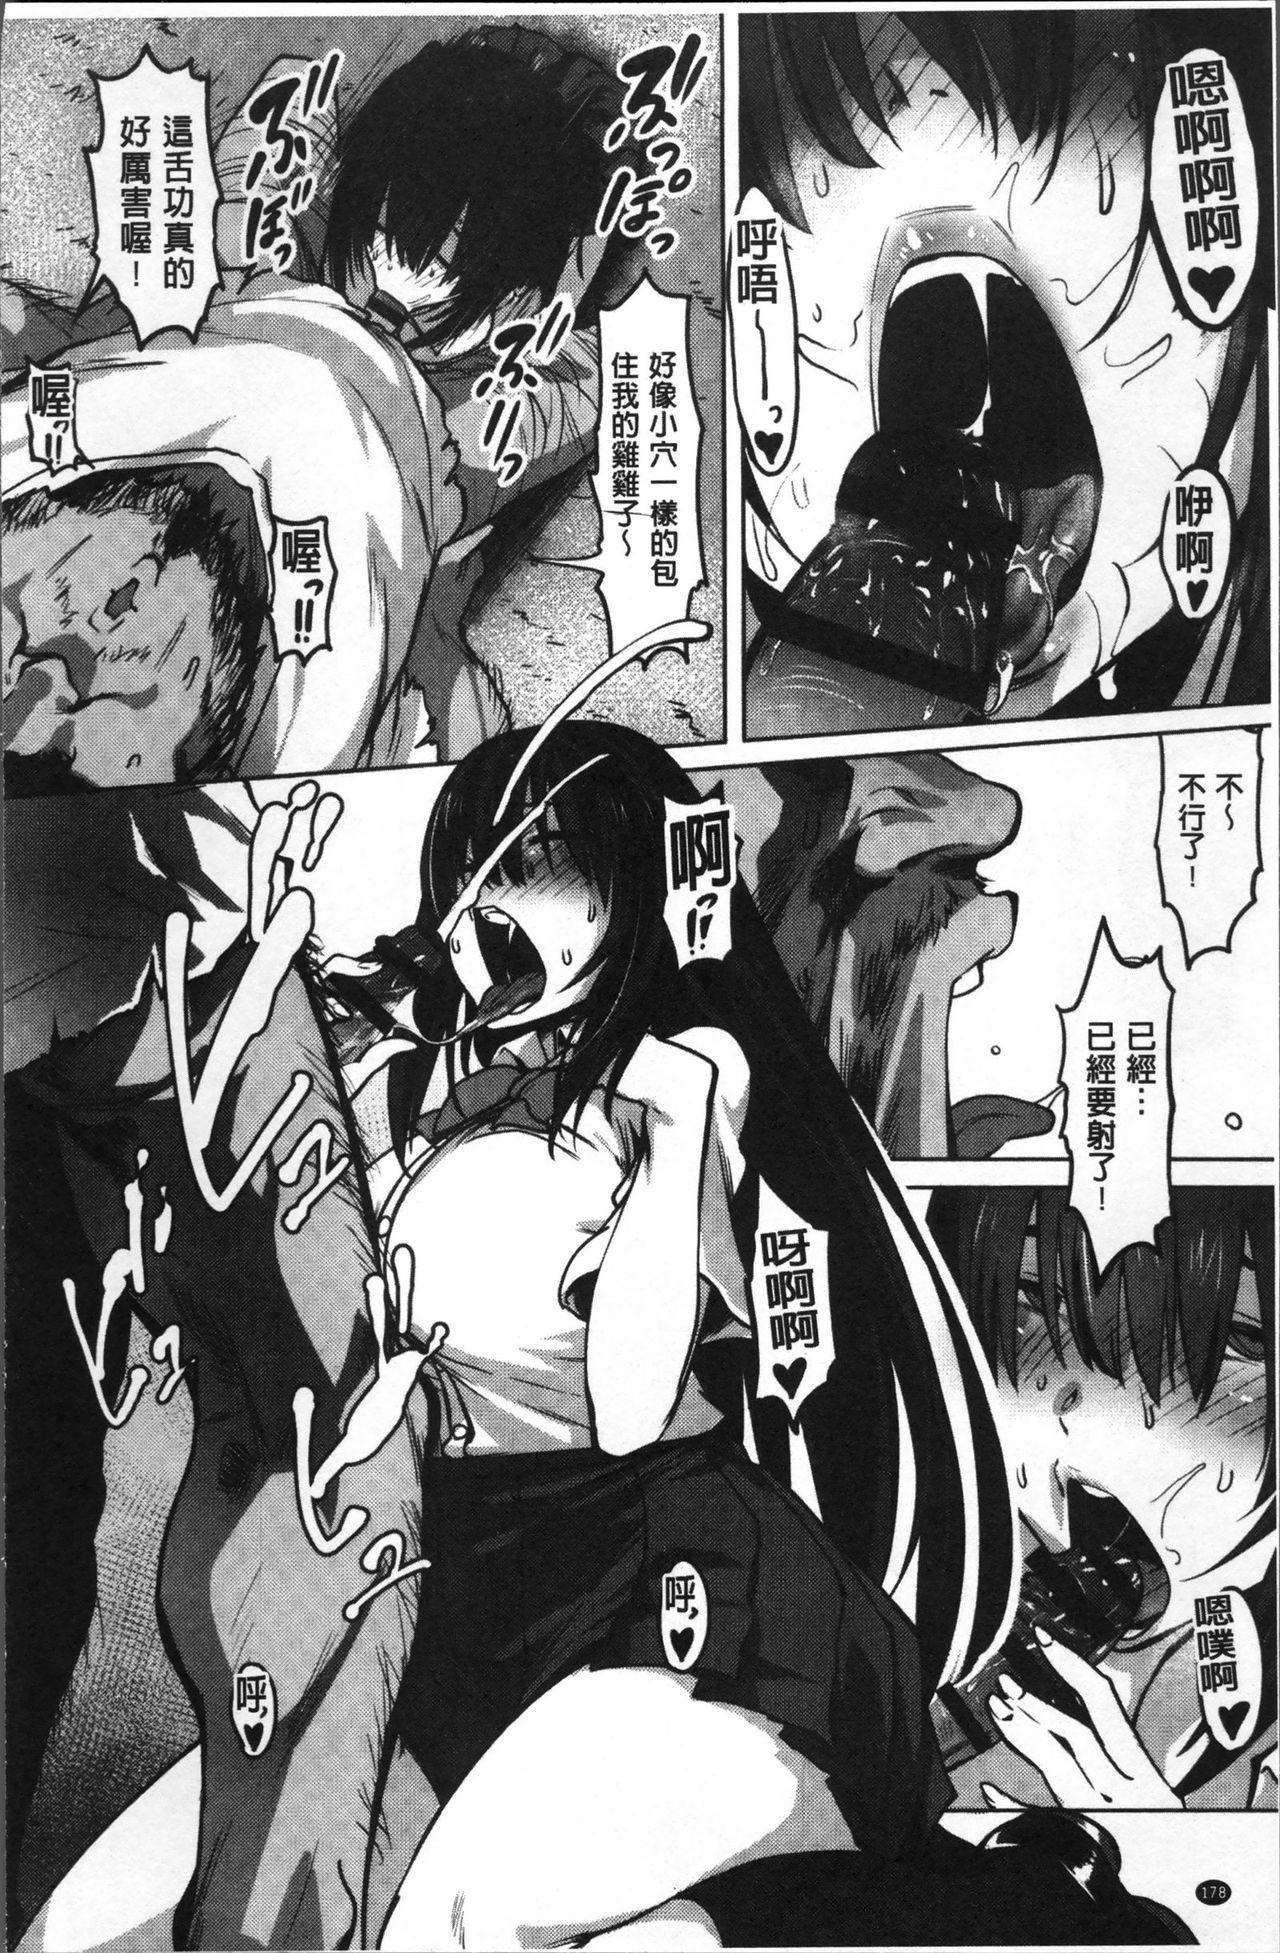 Nee,... Shiyo 180